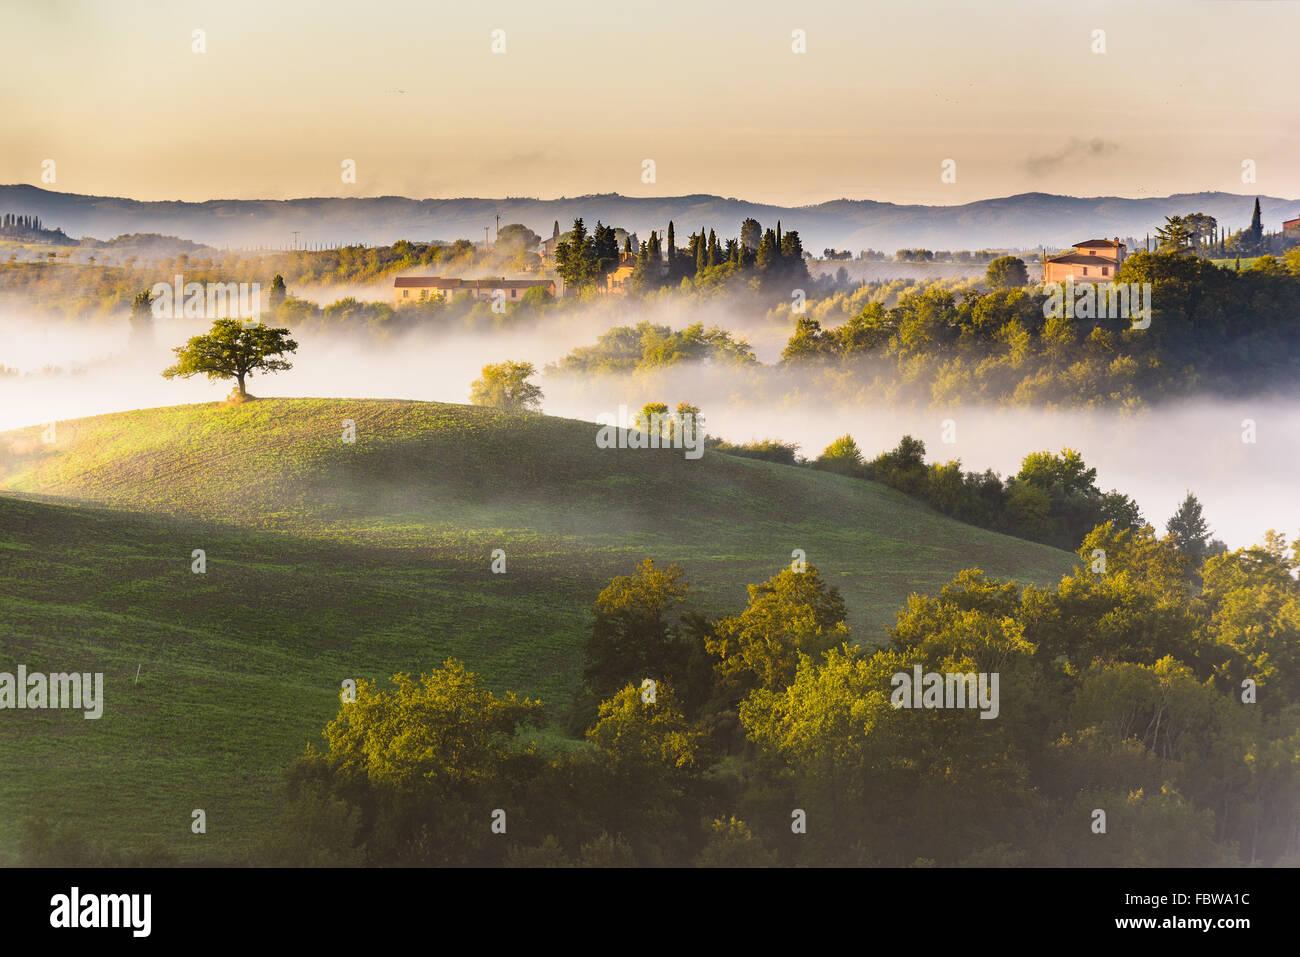 Árboles y huertos en los campos italianos. Toscana día de otoño. Imagen De Stock